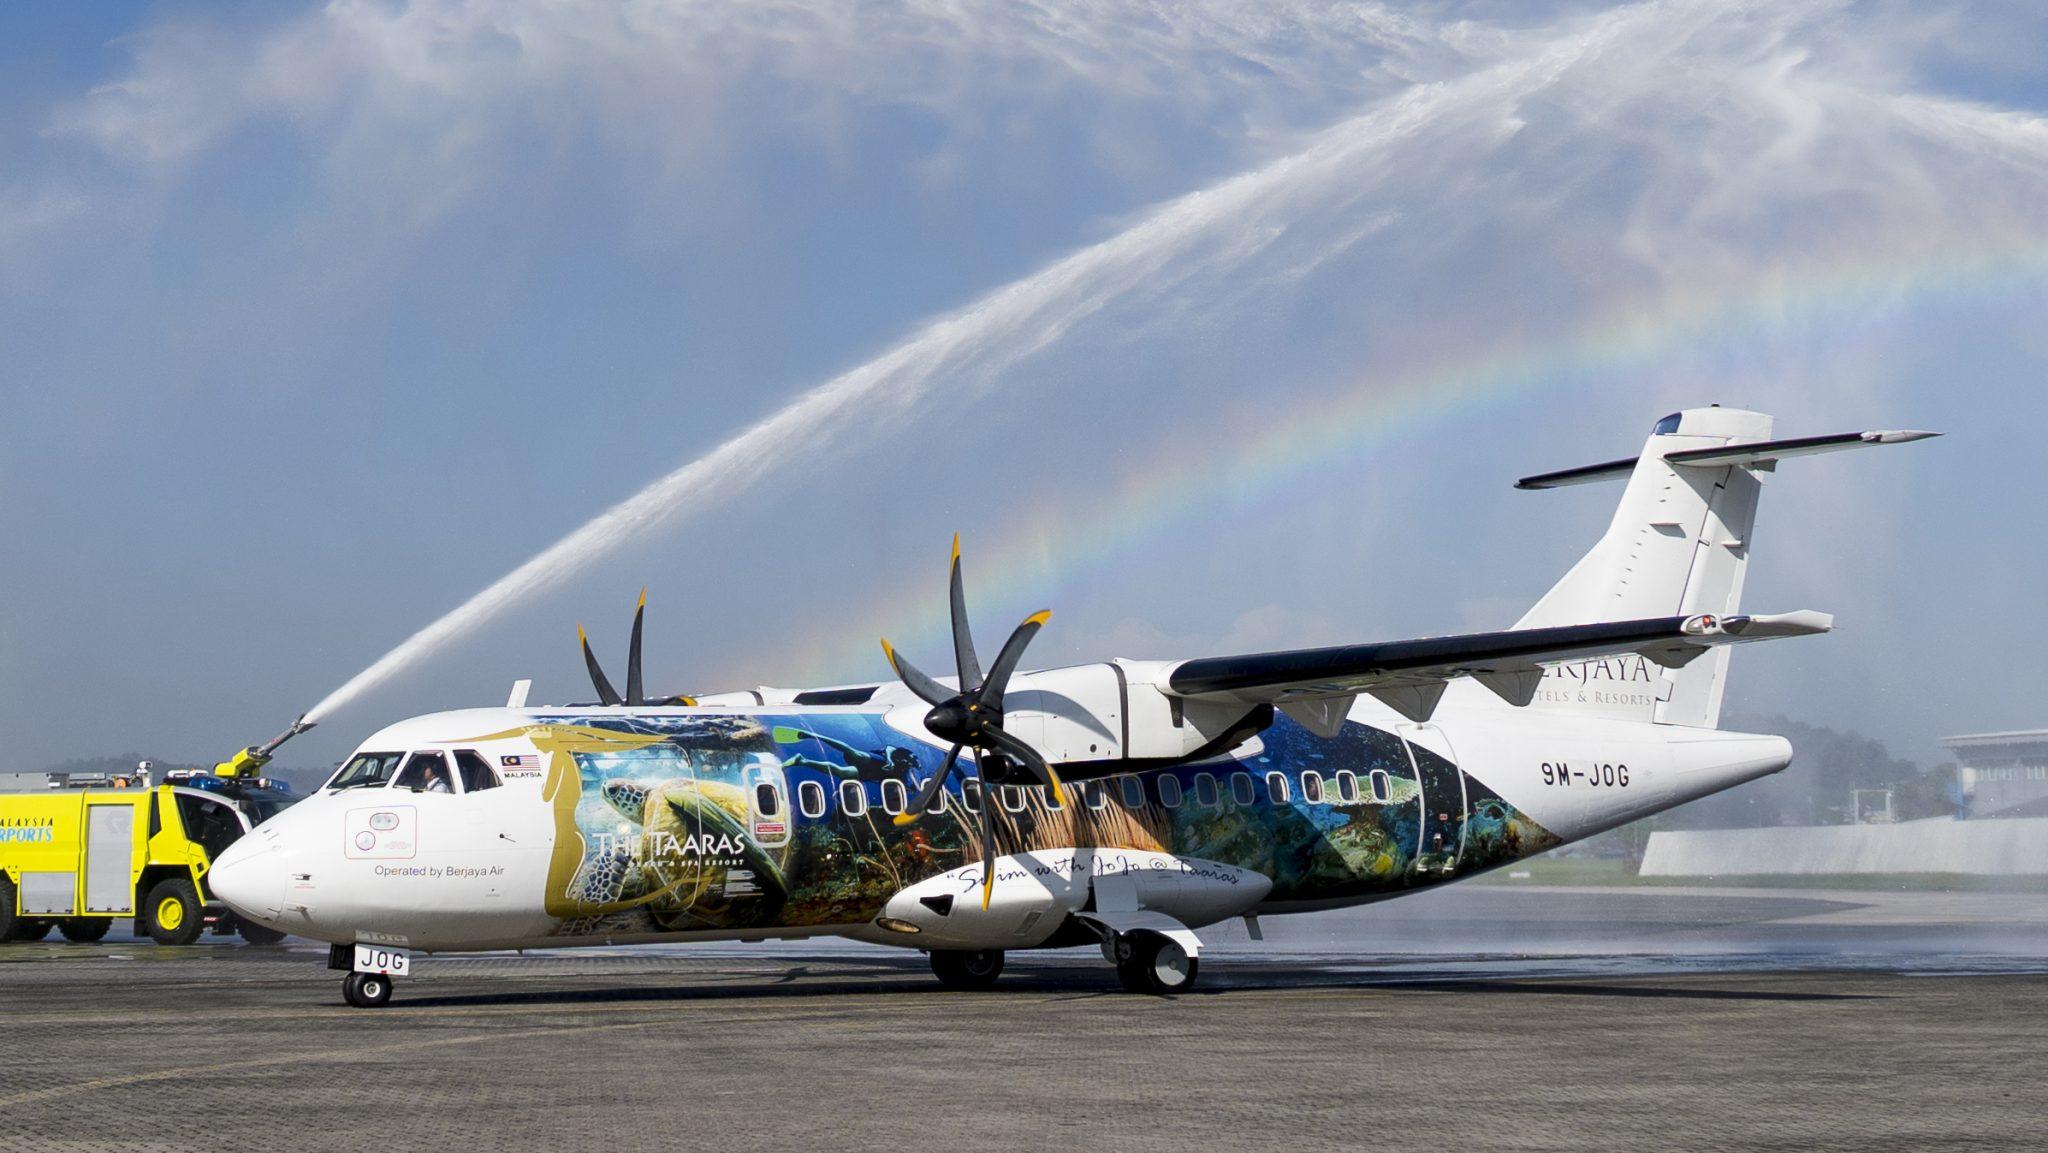 New direct flight from Subang Airport (Kuala Lumpur) to the Taaras Beach & Spa Resort at Redang ...